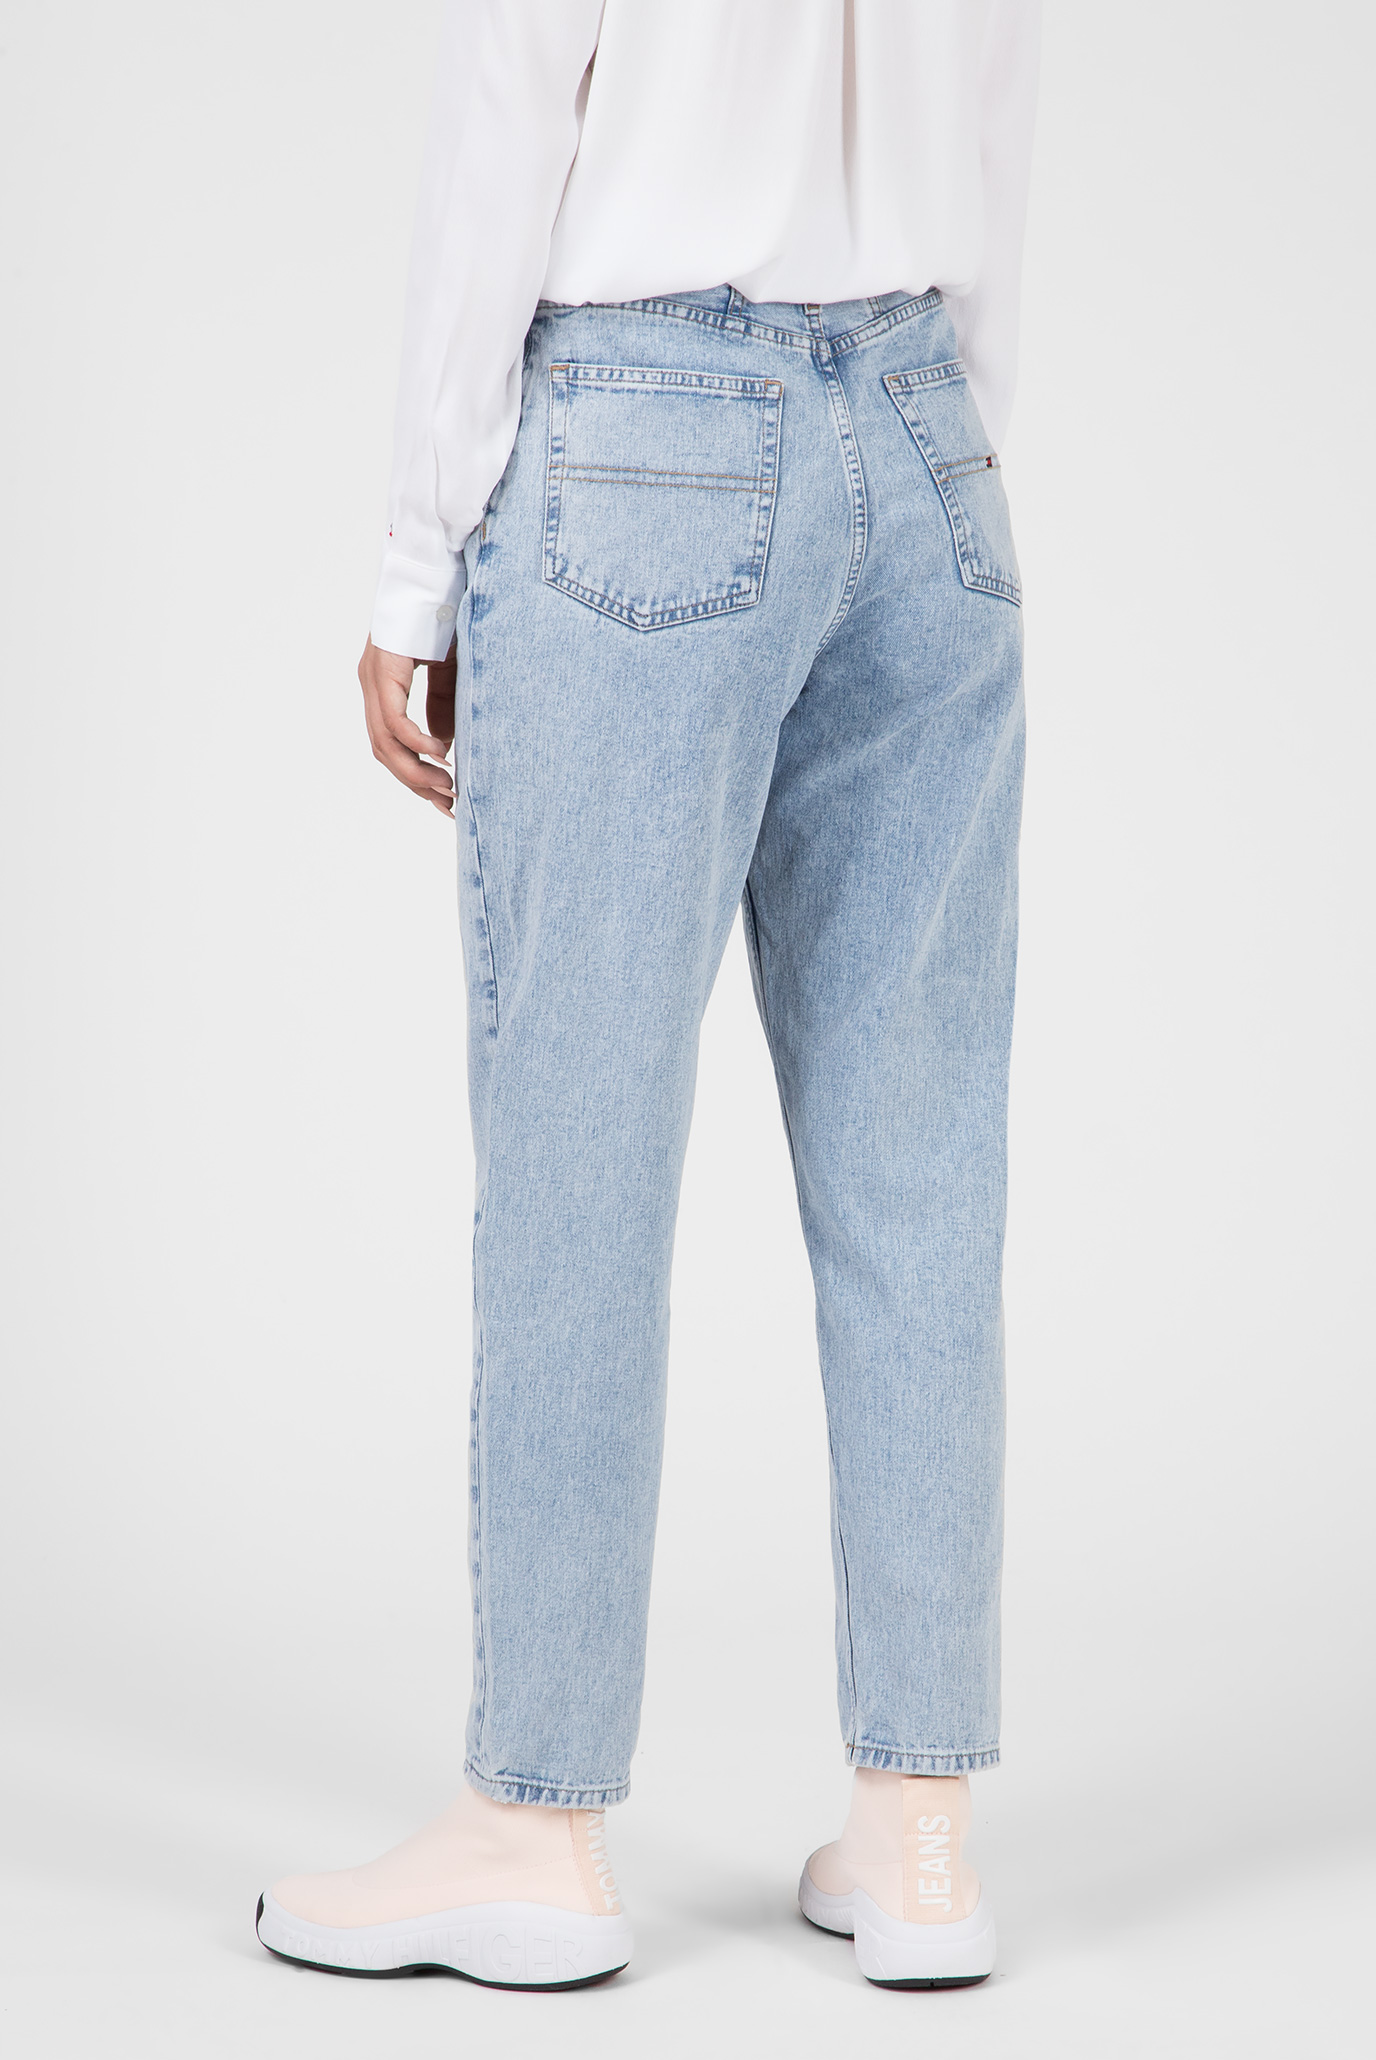 Купить Женские голубые джинсы HIGH RISE TJ2004 Tommy Hilfiger Tommy Hilfiger DW0DW05882 – Киев, Украина. Цены в интернет магазине MD Fashion